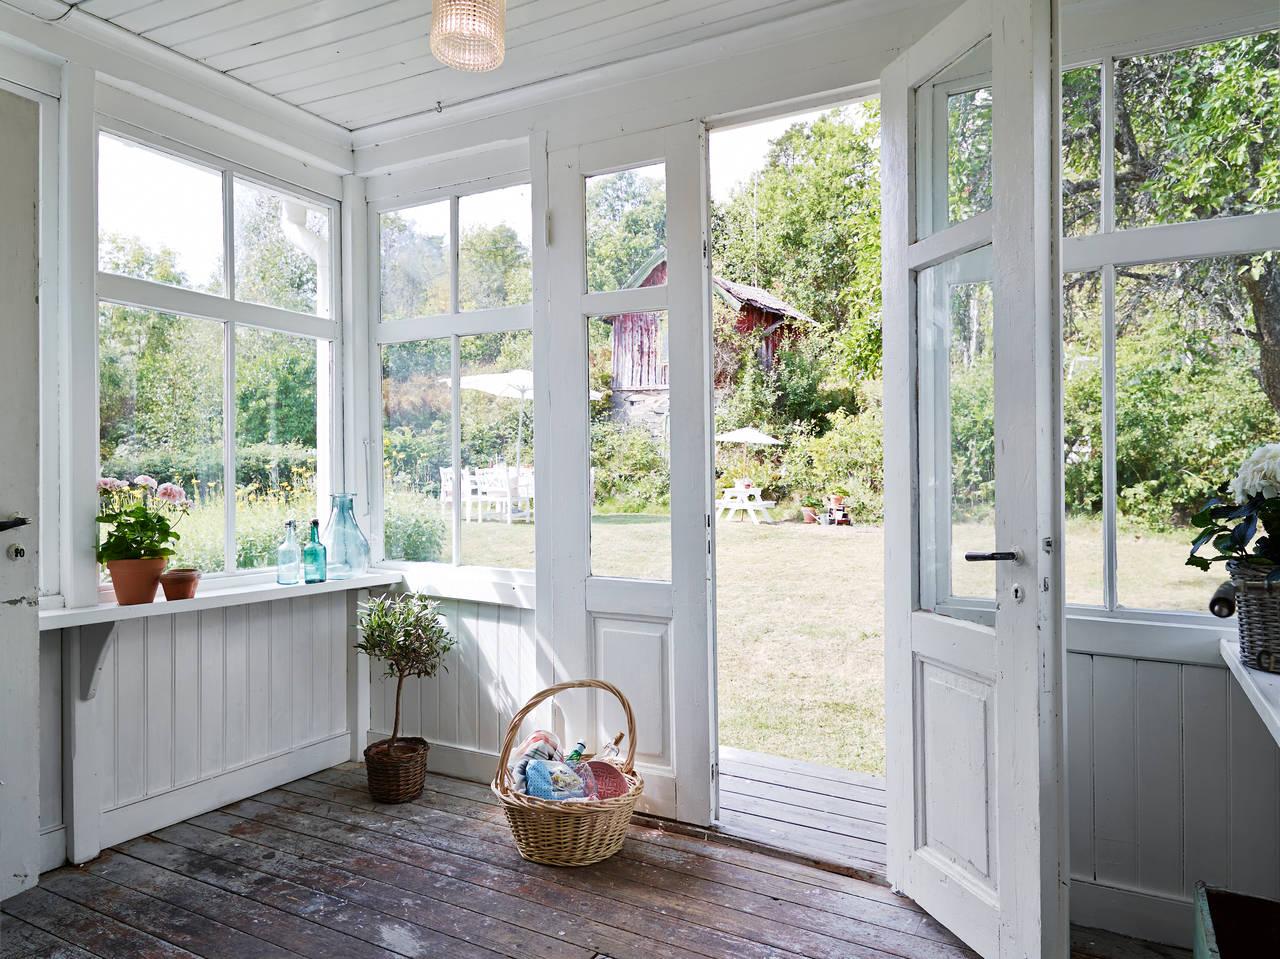 Artikel: Ein gemütliches Schwedisches Haus mit Meerblick auf Spaaz.de